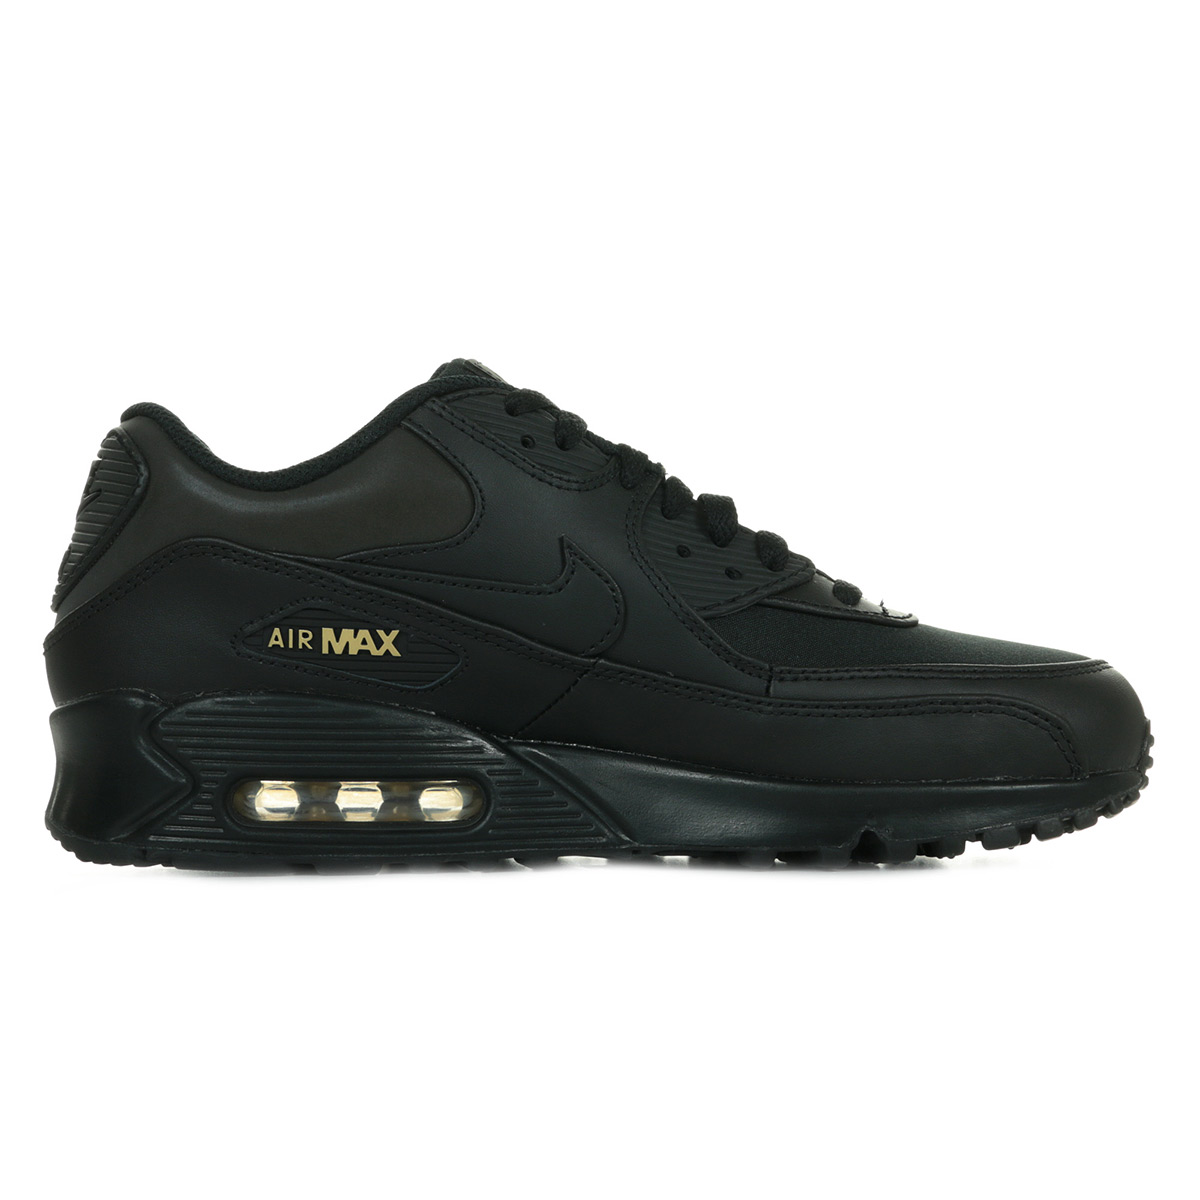 sale retailer c307e 27ca3 ... Nike Air Max 90 Premium ...